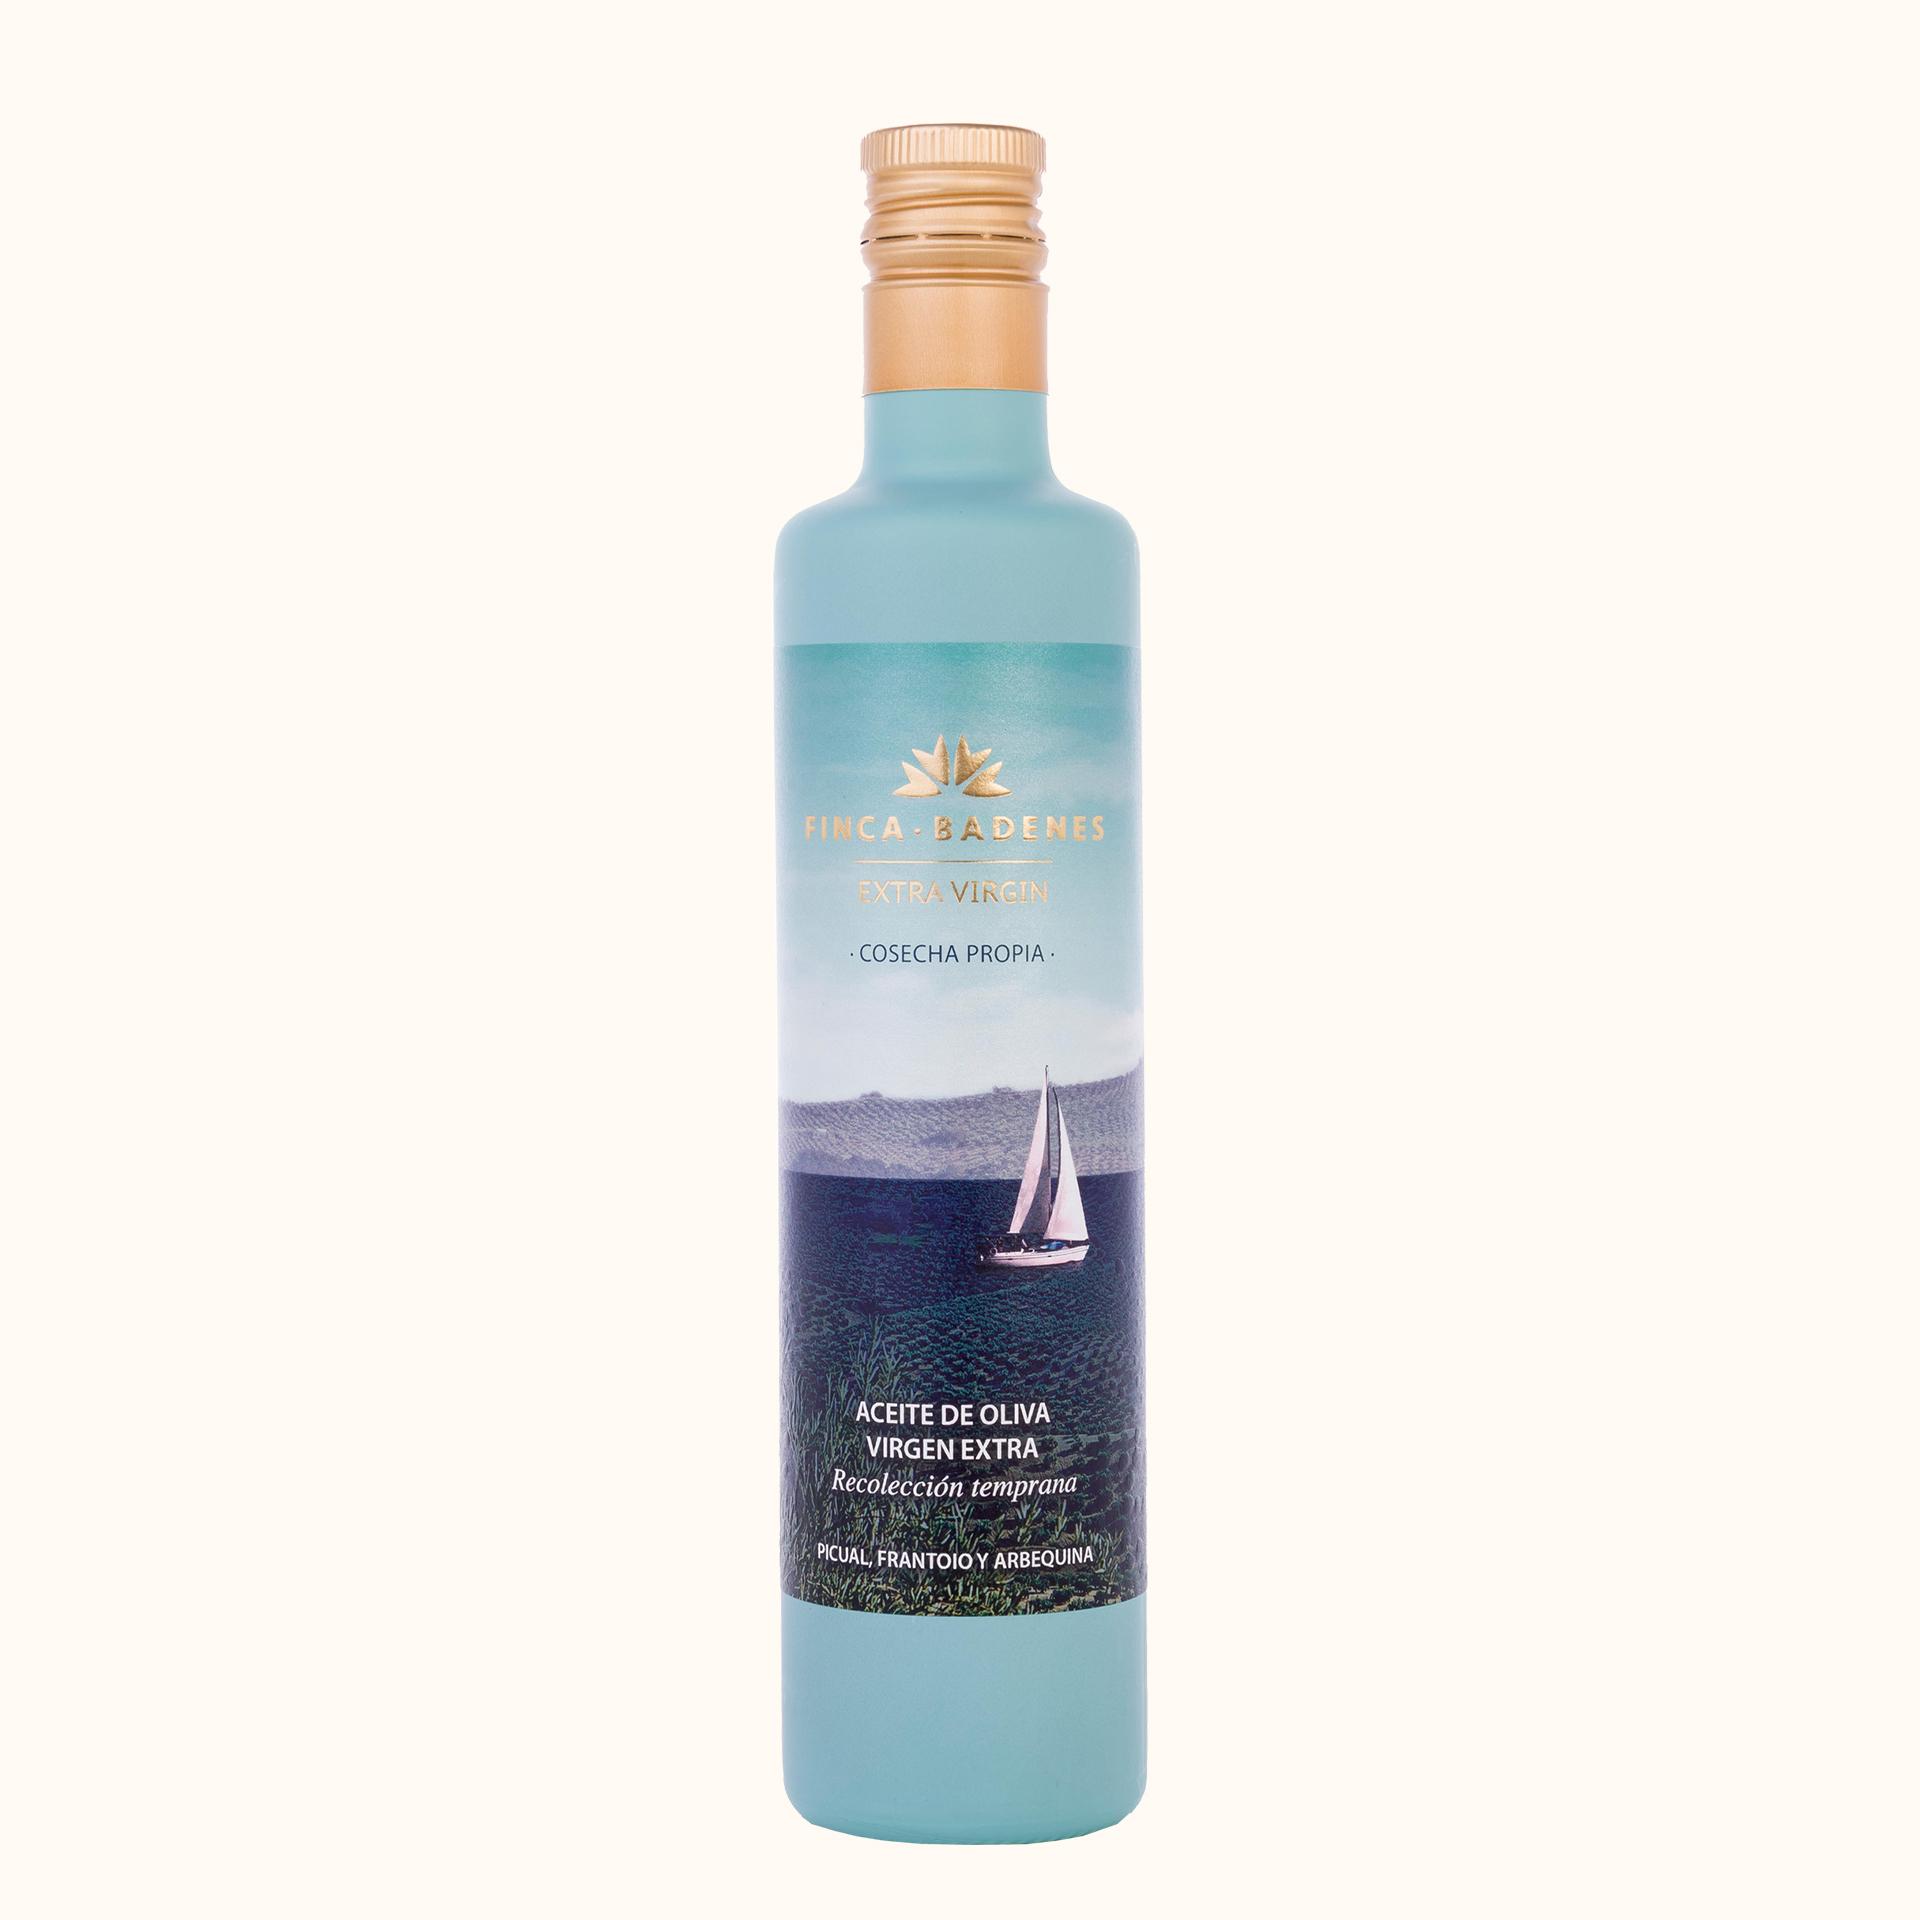 巴狄尼絲莊園頂級初榨橄欖油500ml